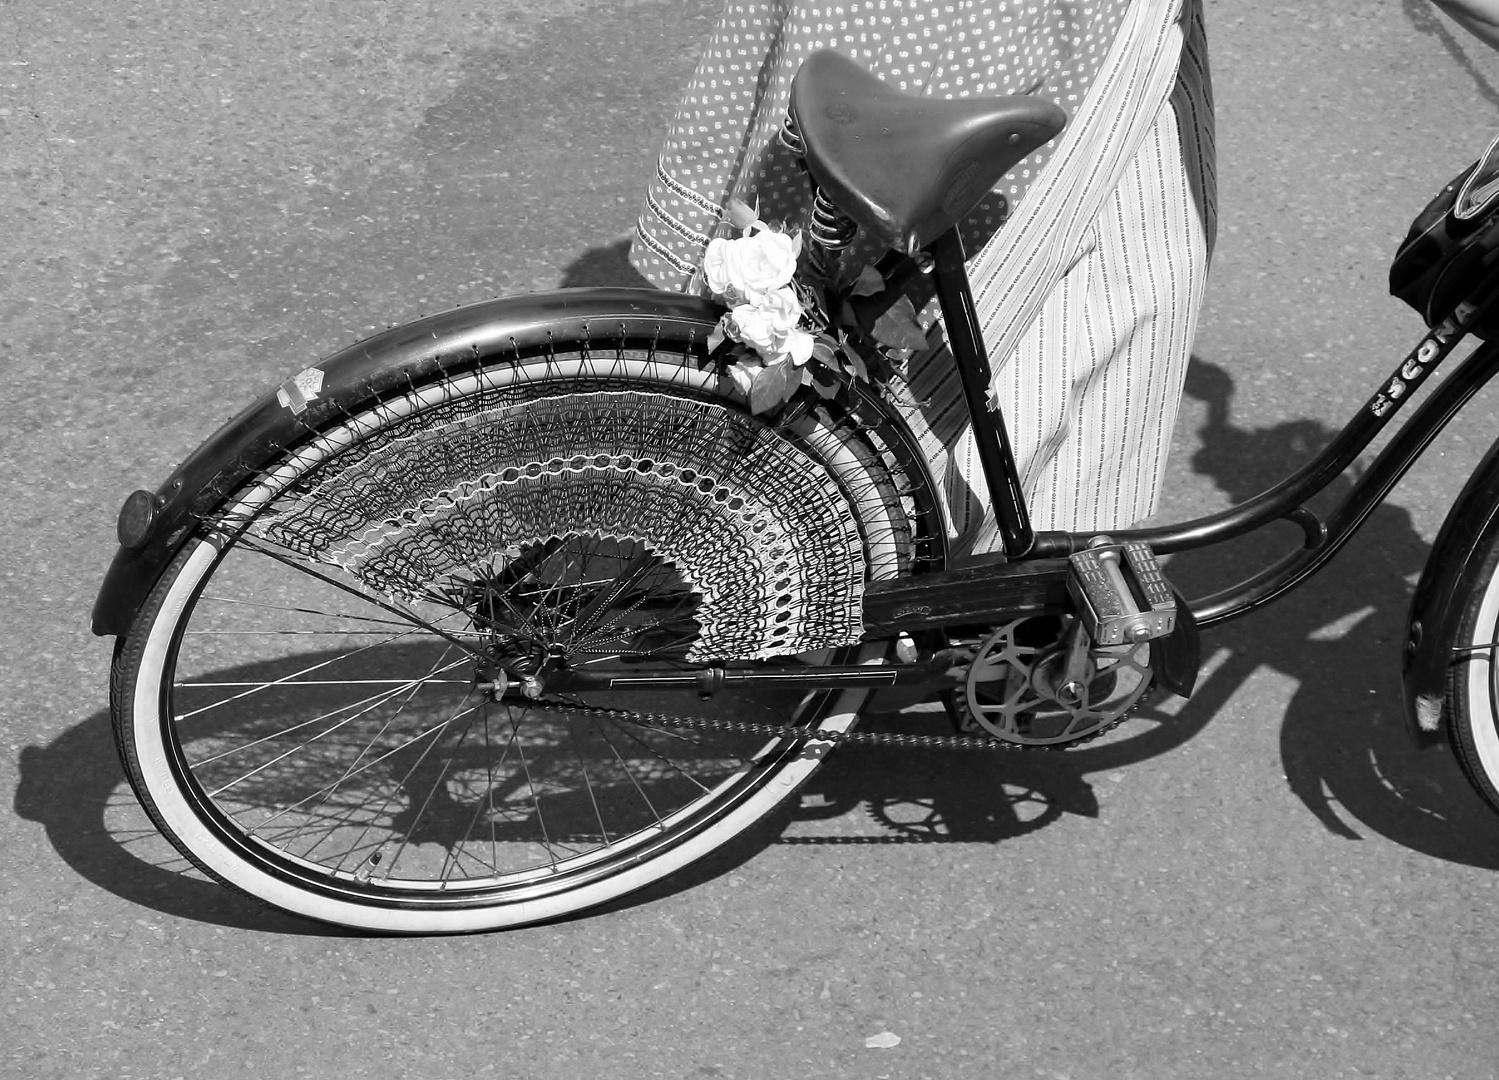 50er jahre fahrrad fahren foto bild autos zweir der. Black Bedroom Furniture Sets. Home Design Ideas